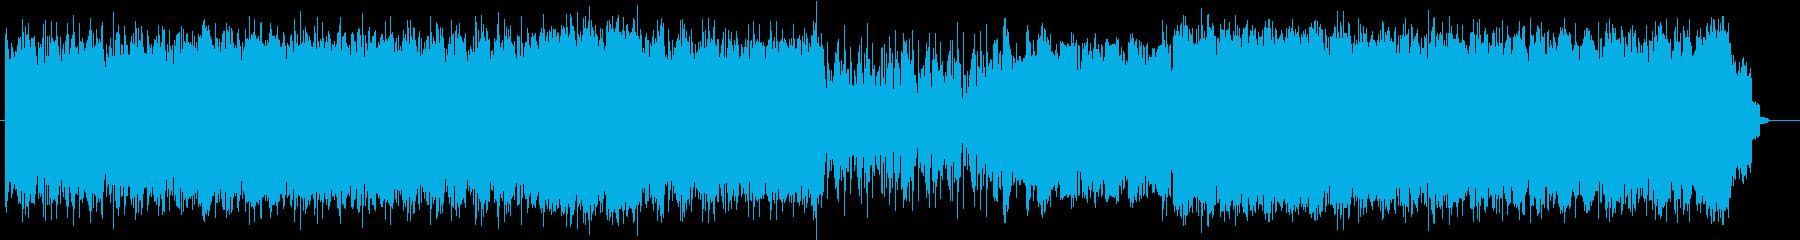 重厚感溢れるクールでハードロックサウンドの再生済みの波形